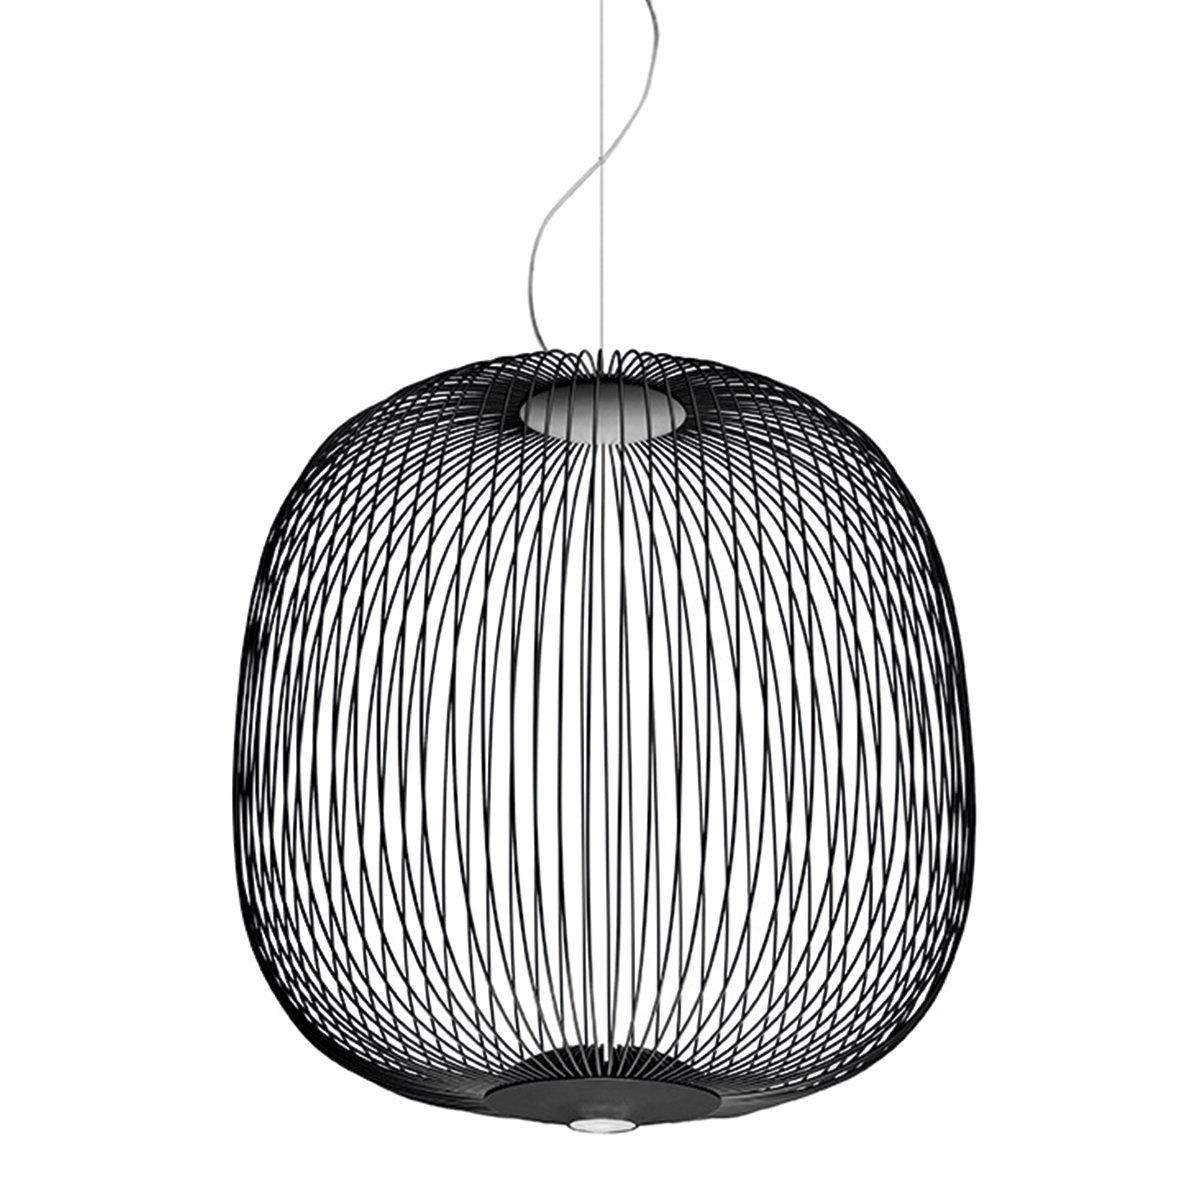 Foscarini Spokes 2 Hanglamp - Zwart